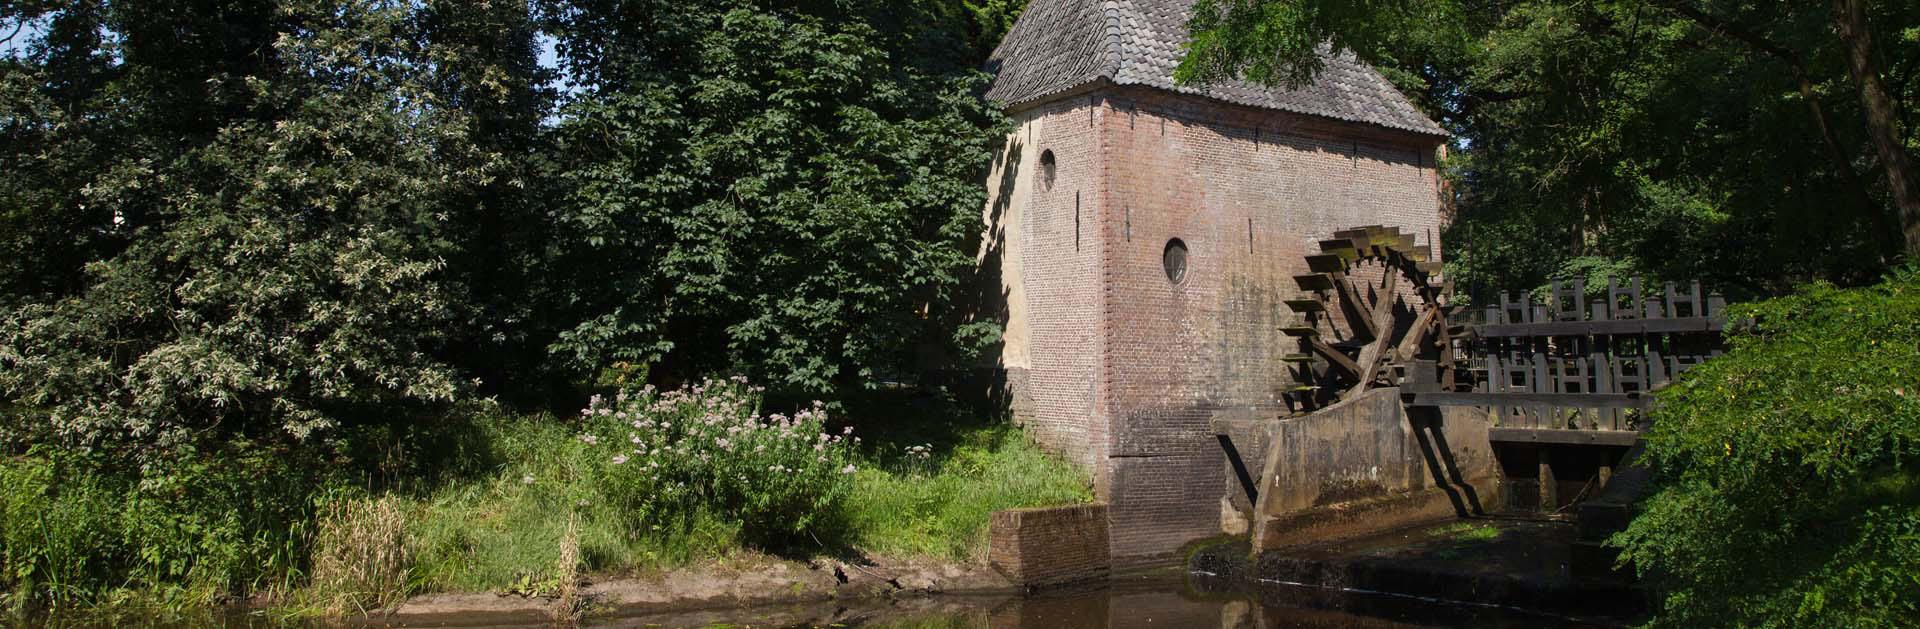 Molens en Gemalen  Regio Achterhoek - Liemers